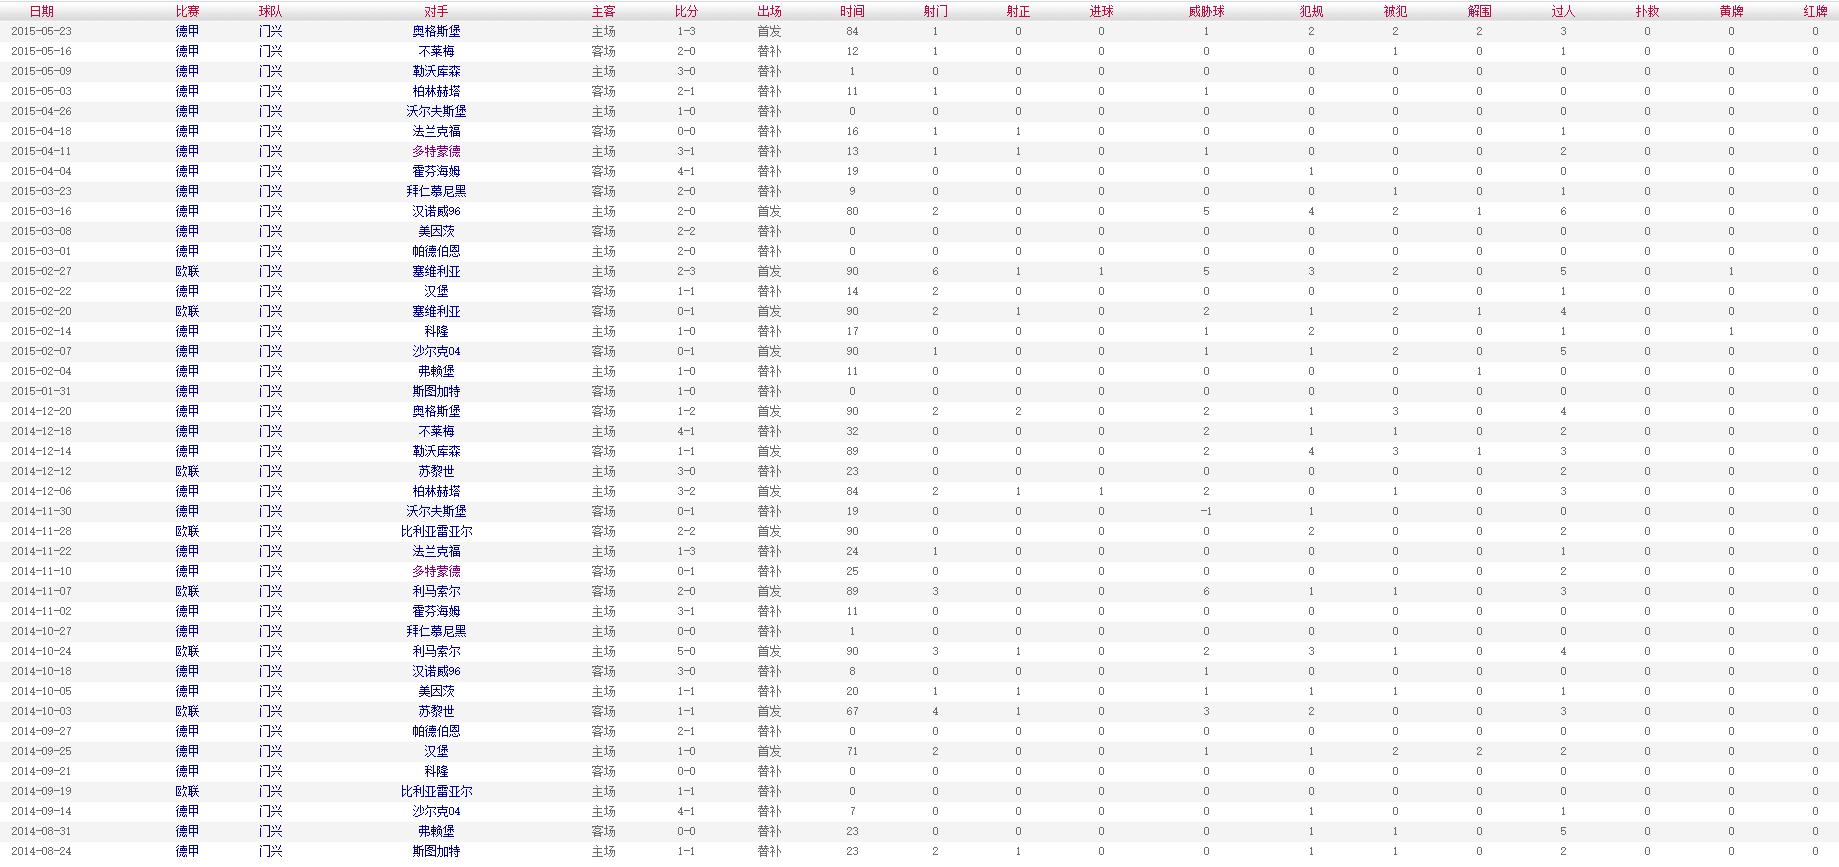 索尔根-阿扎尔 2014-2015赛季比赛数据